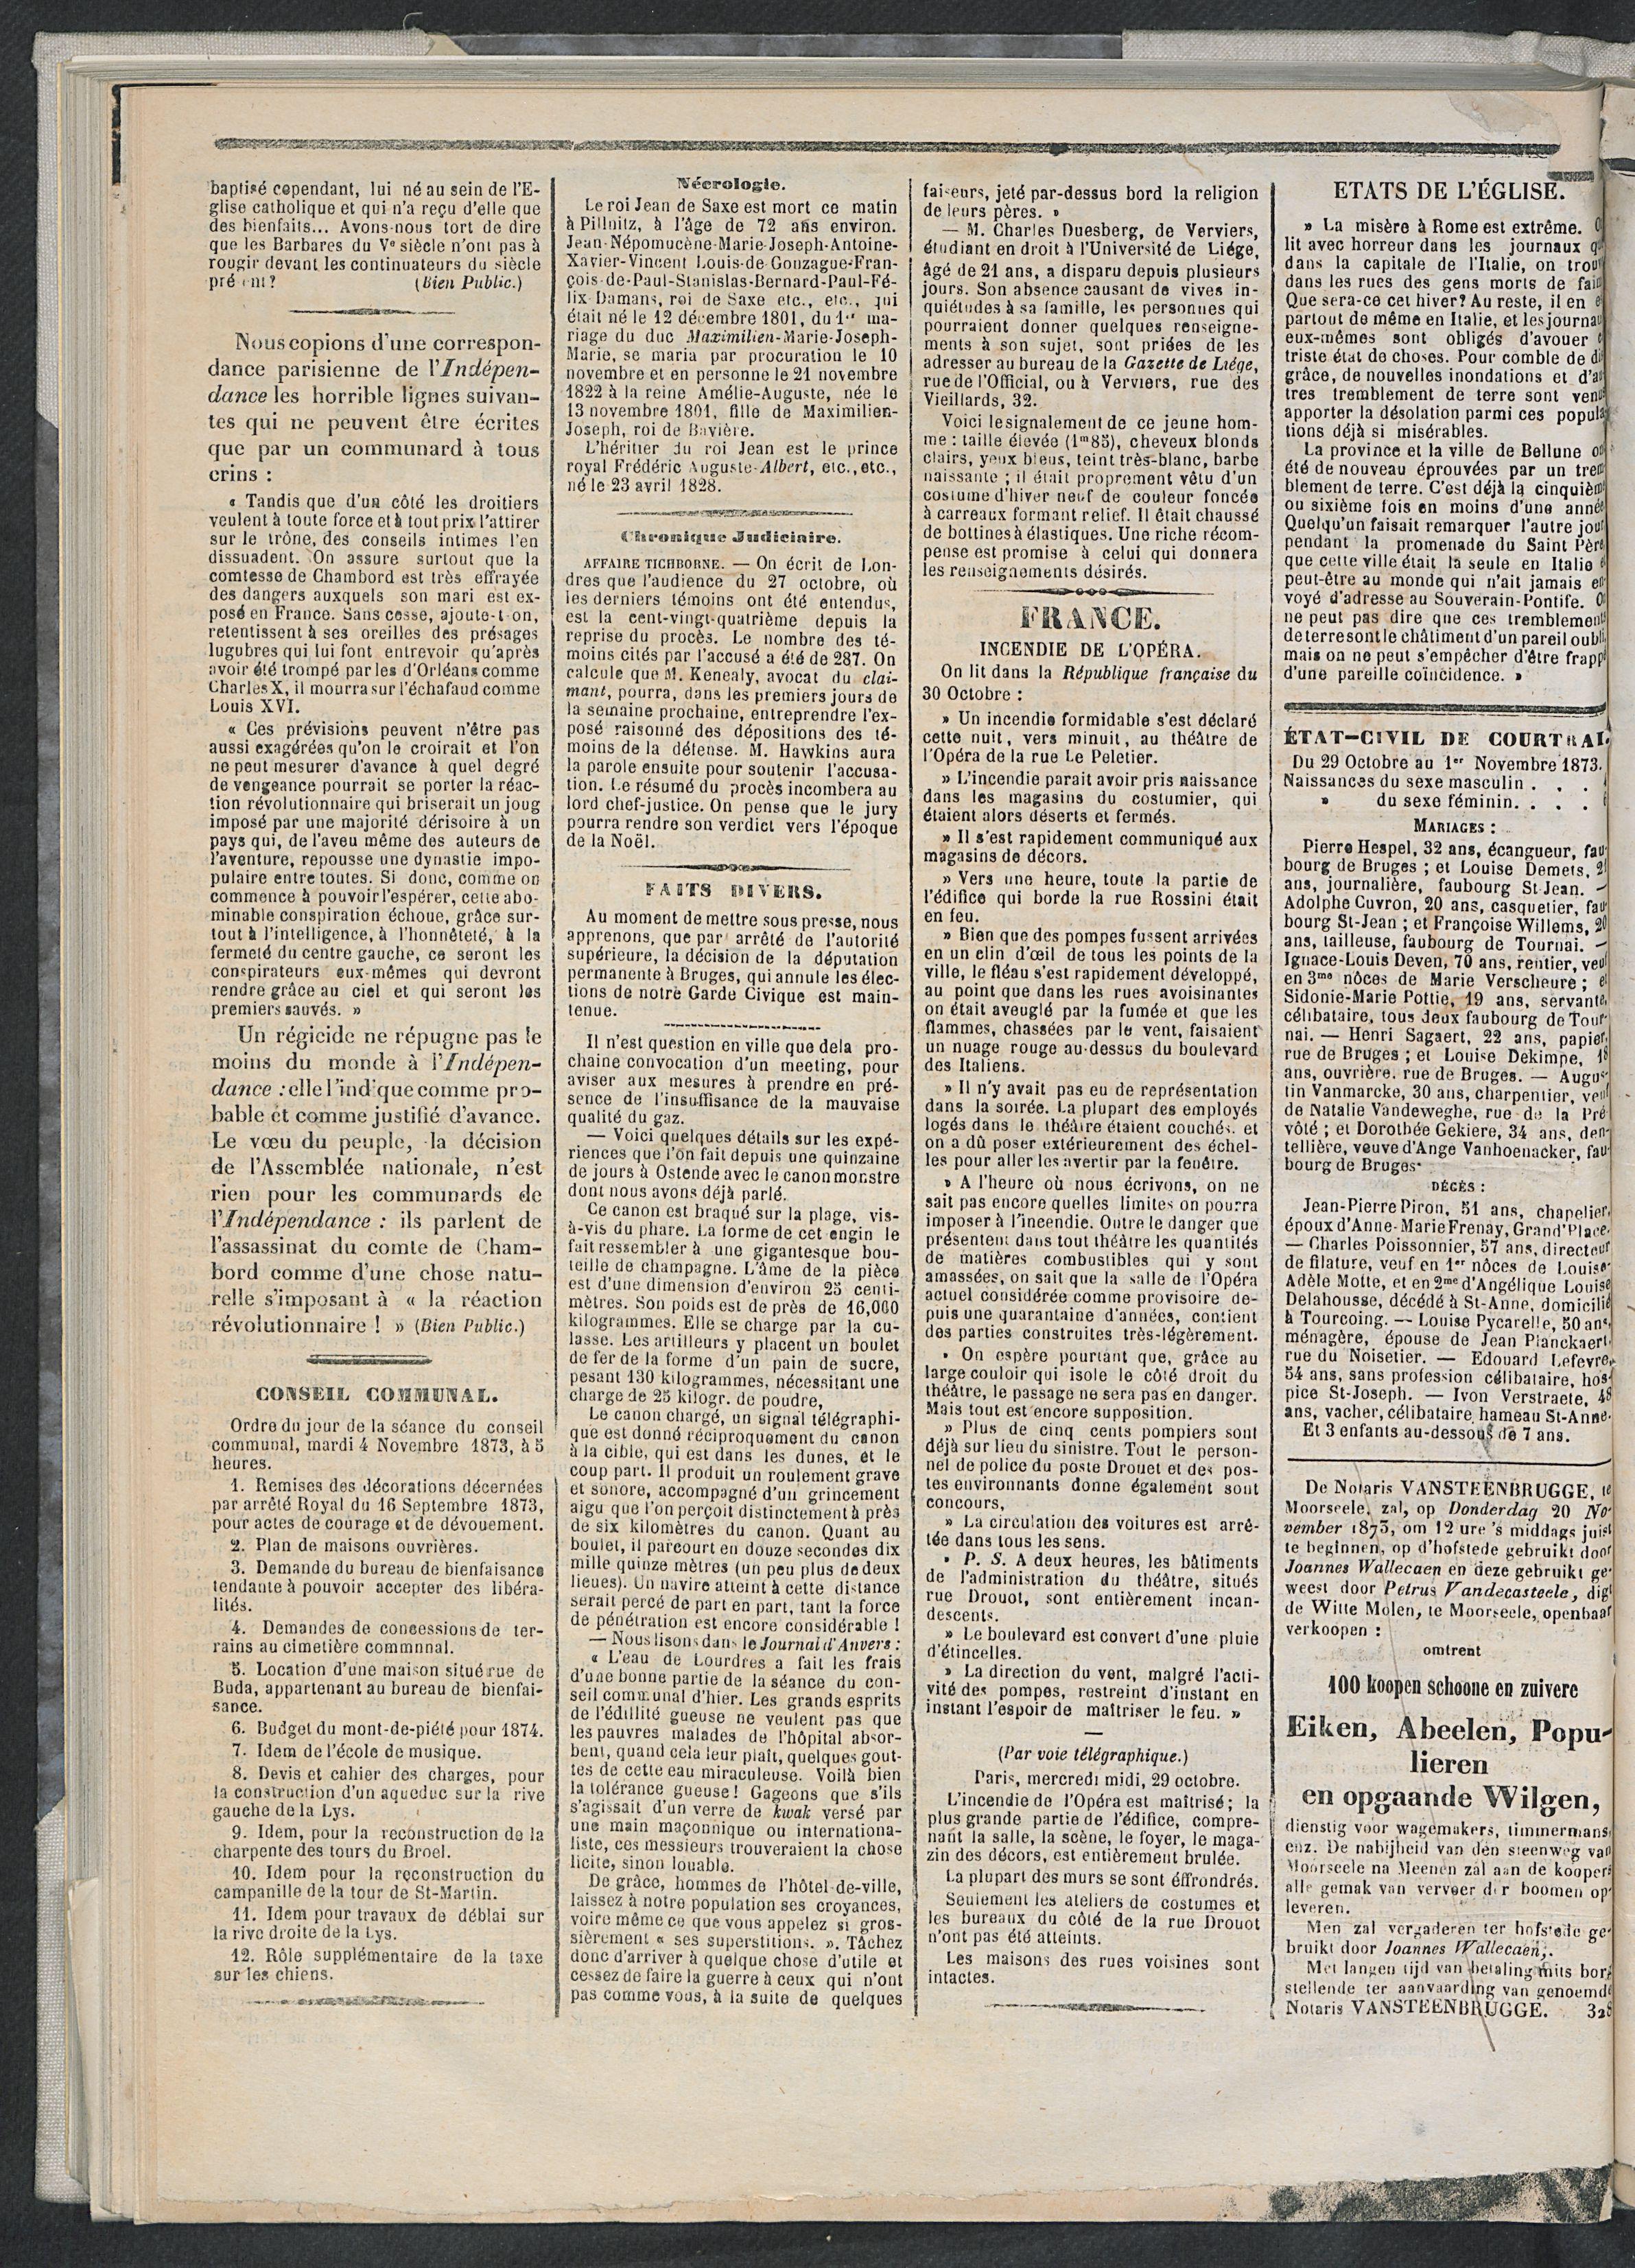 L'echo De Courtrai 1873-11-01 p2